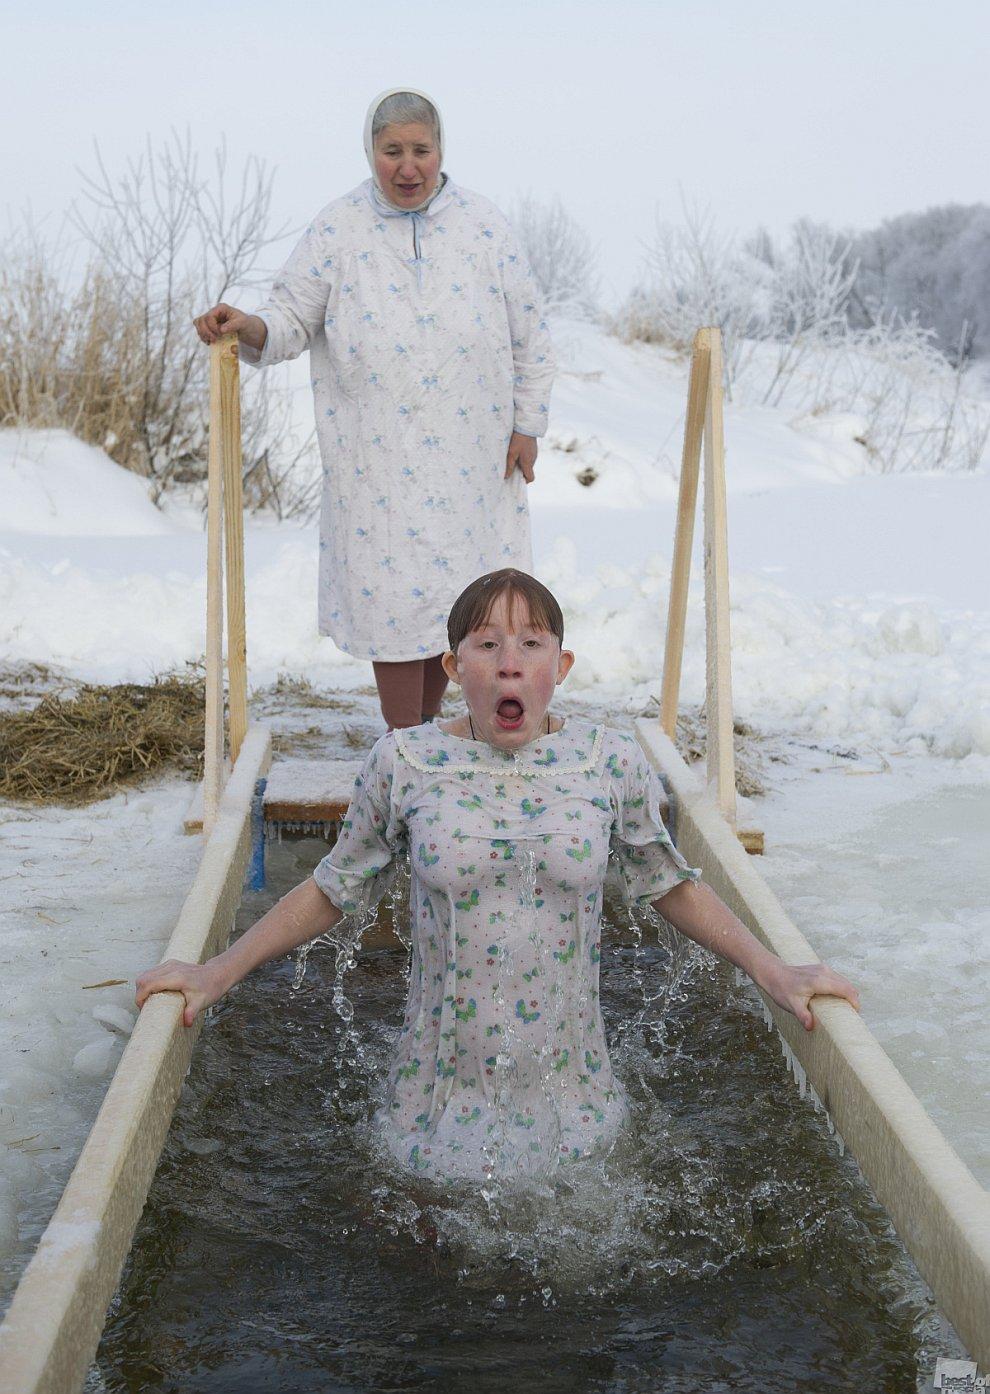 Крещенское купание в реке Нерль, возле села Порецкое Владимирской области.